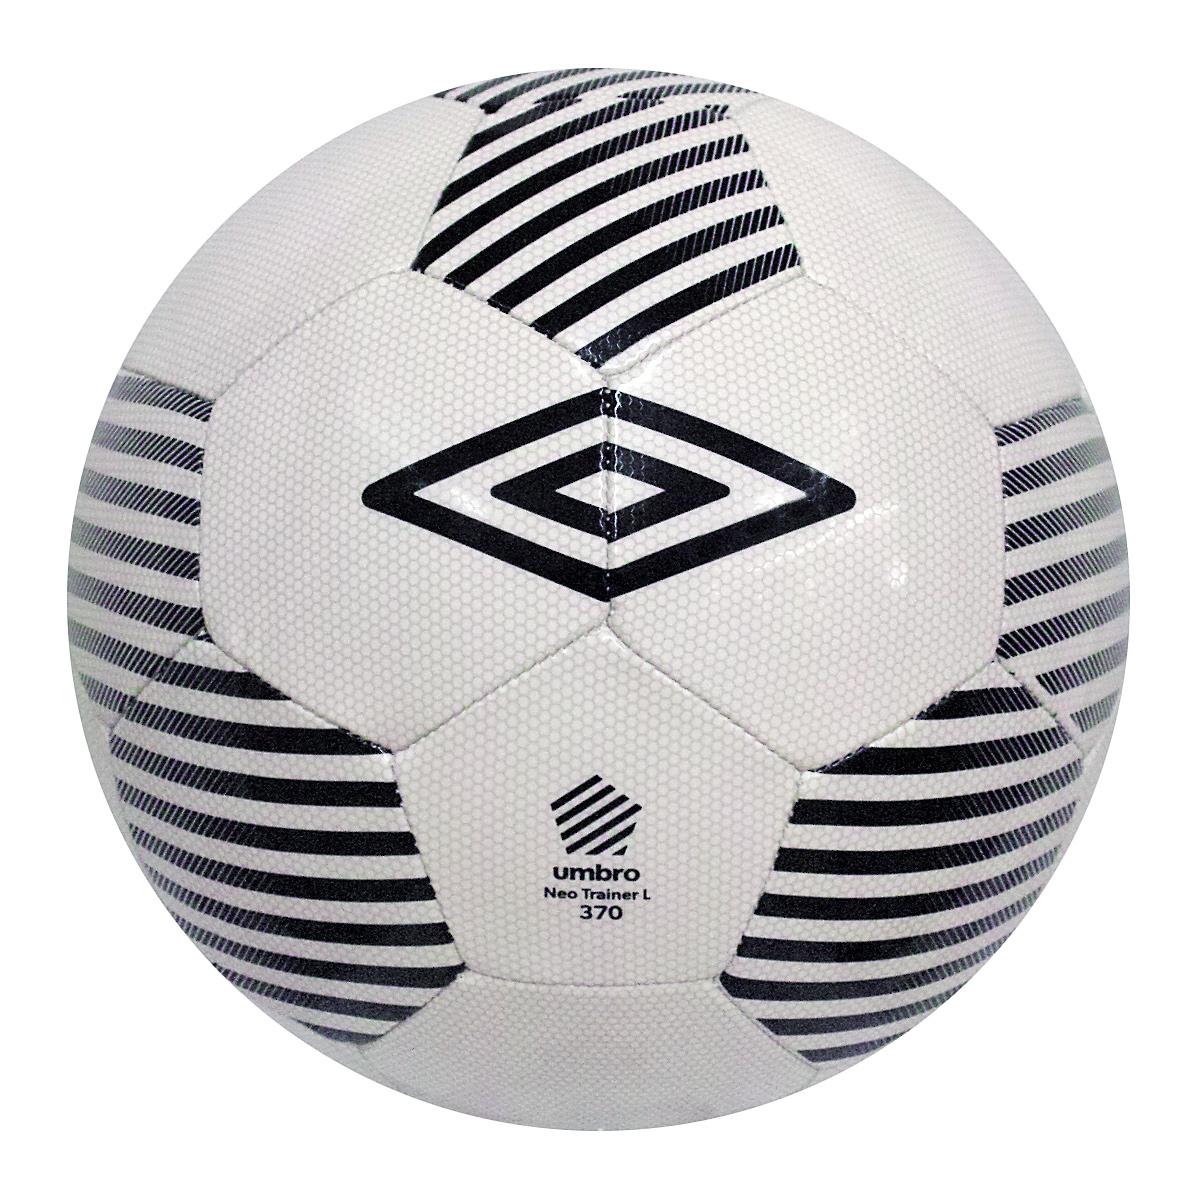 Umbro Neo Trainer L - Fussball Trainingsball 370g, Gr.5